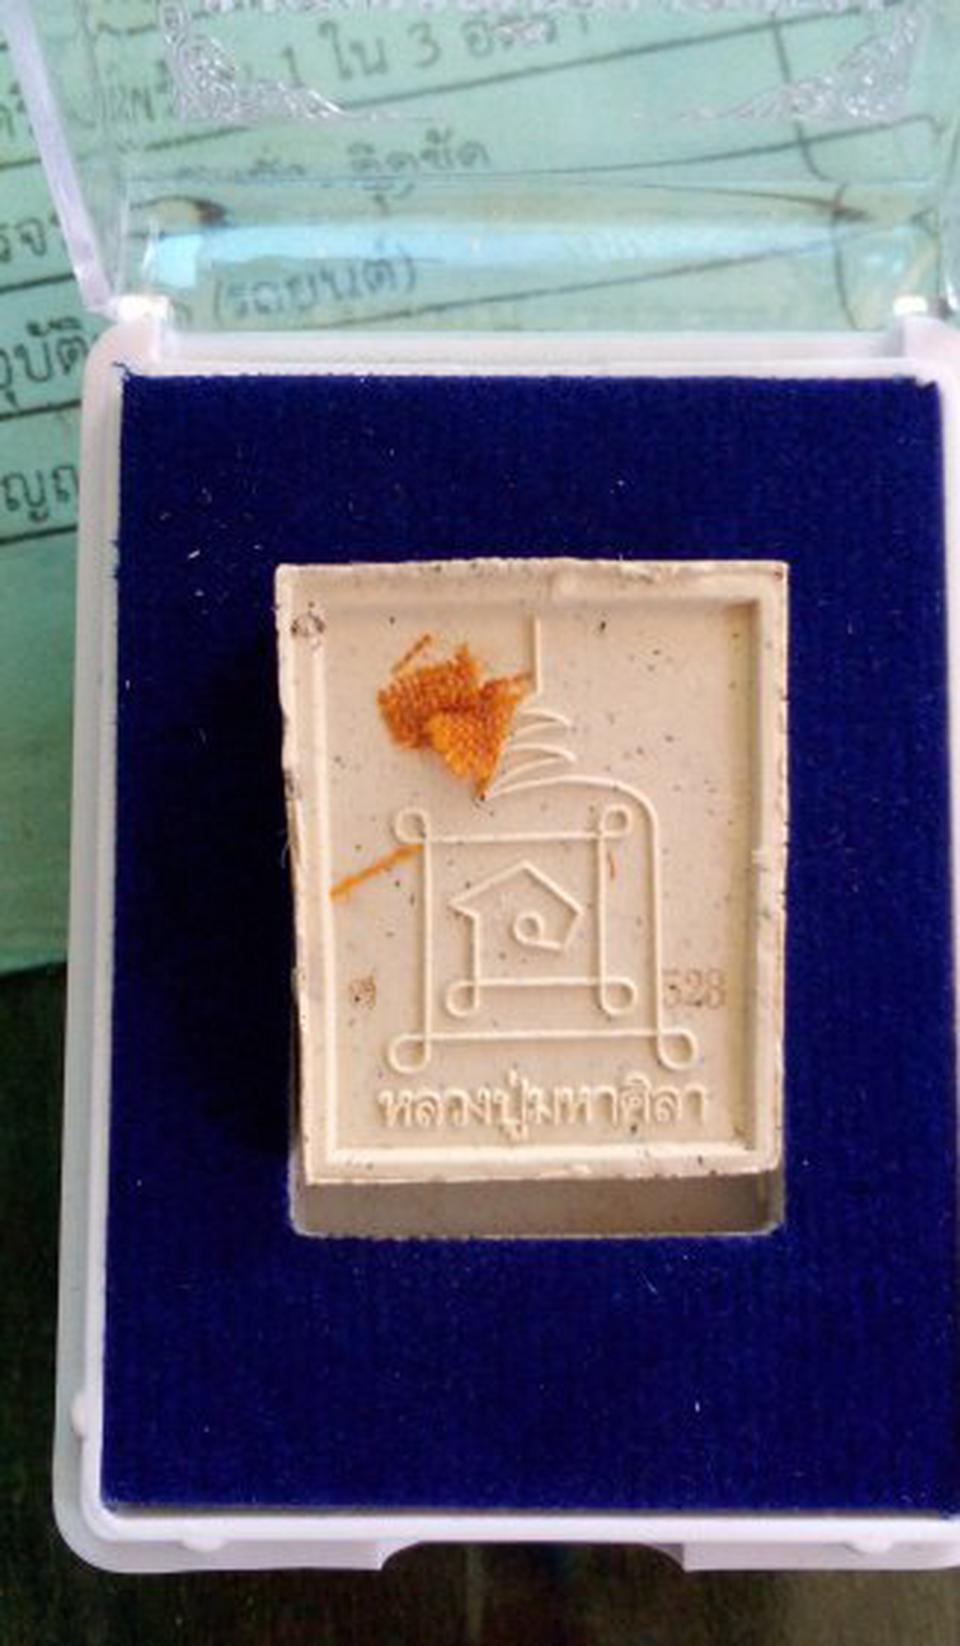 พระผง หลวงปู่มหาศิลา สิริจันโท รุ่น เหนือพรหม  รูปที่ 2